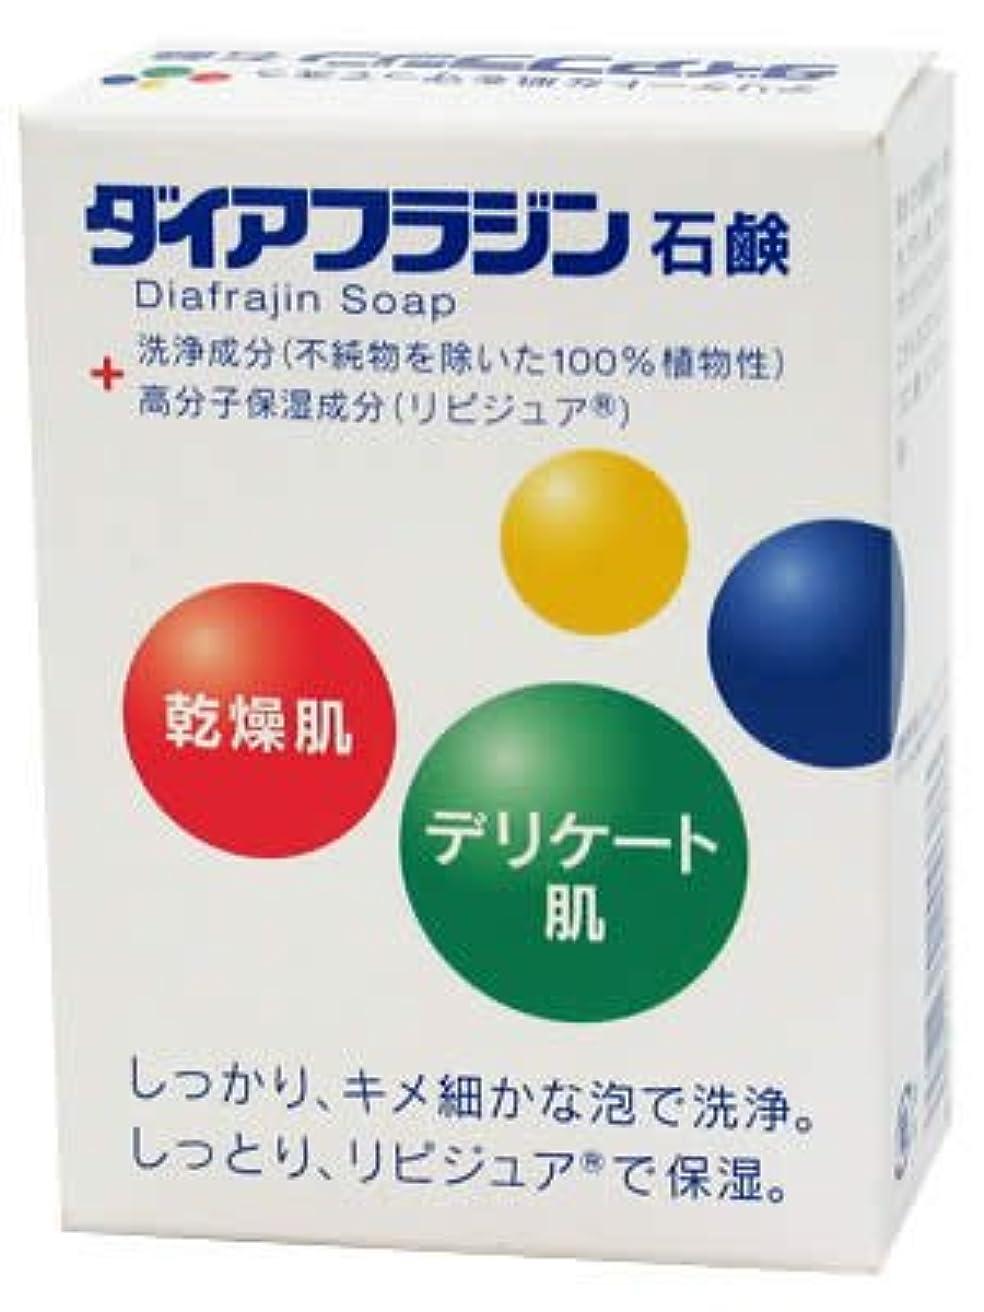 有限コメンテーター慰めダイアフラジン石鹸 75g×1個入